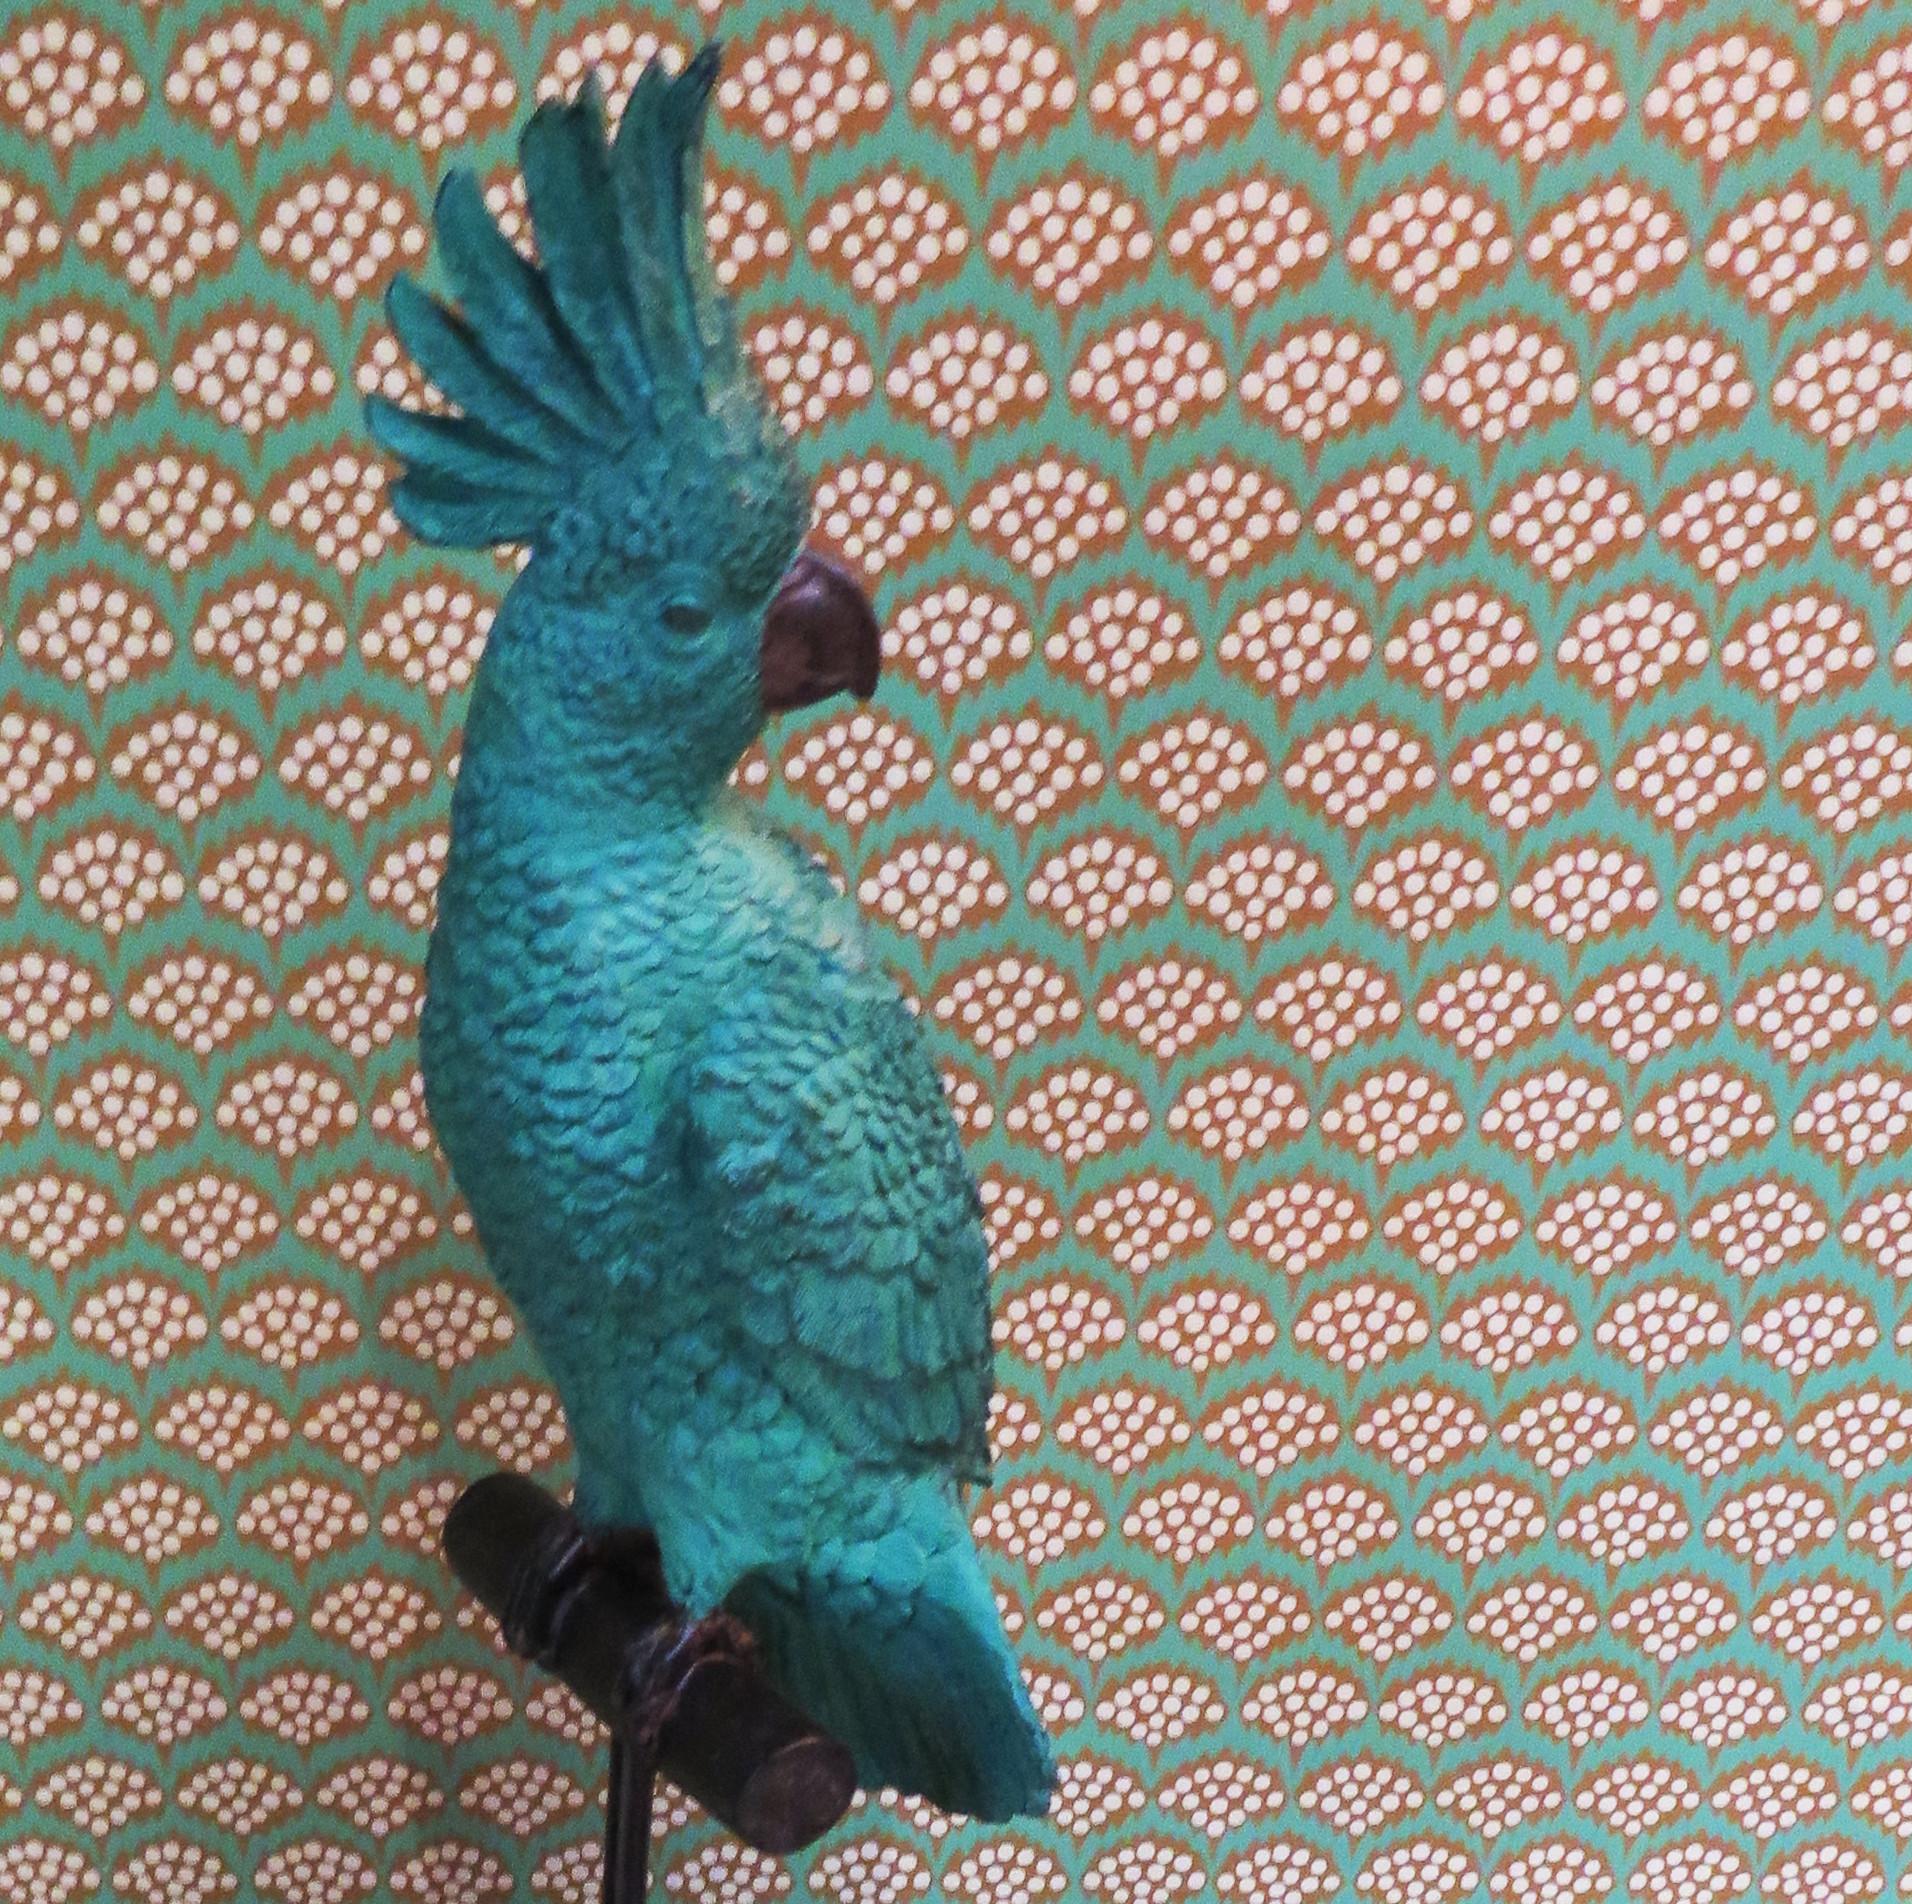 Behang: voor op de muur en…